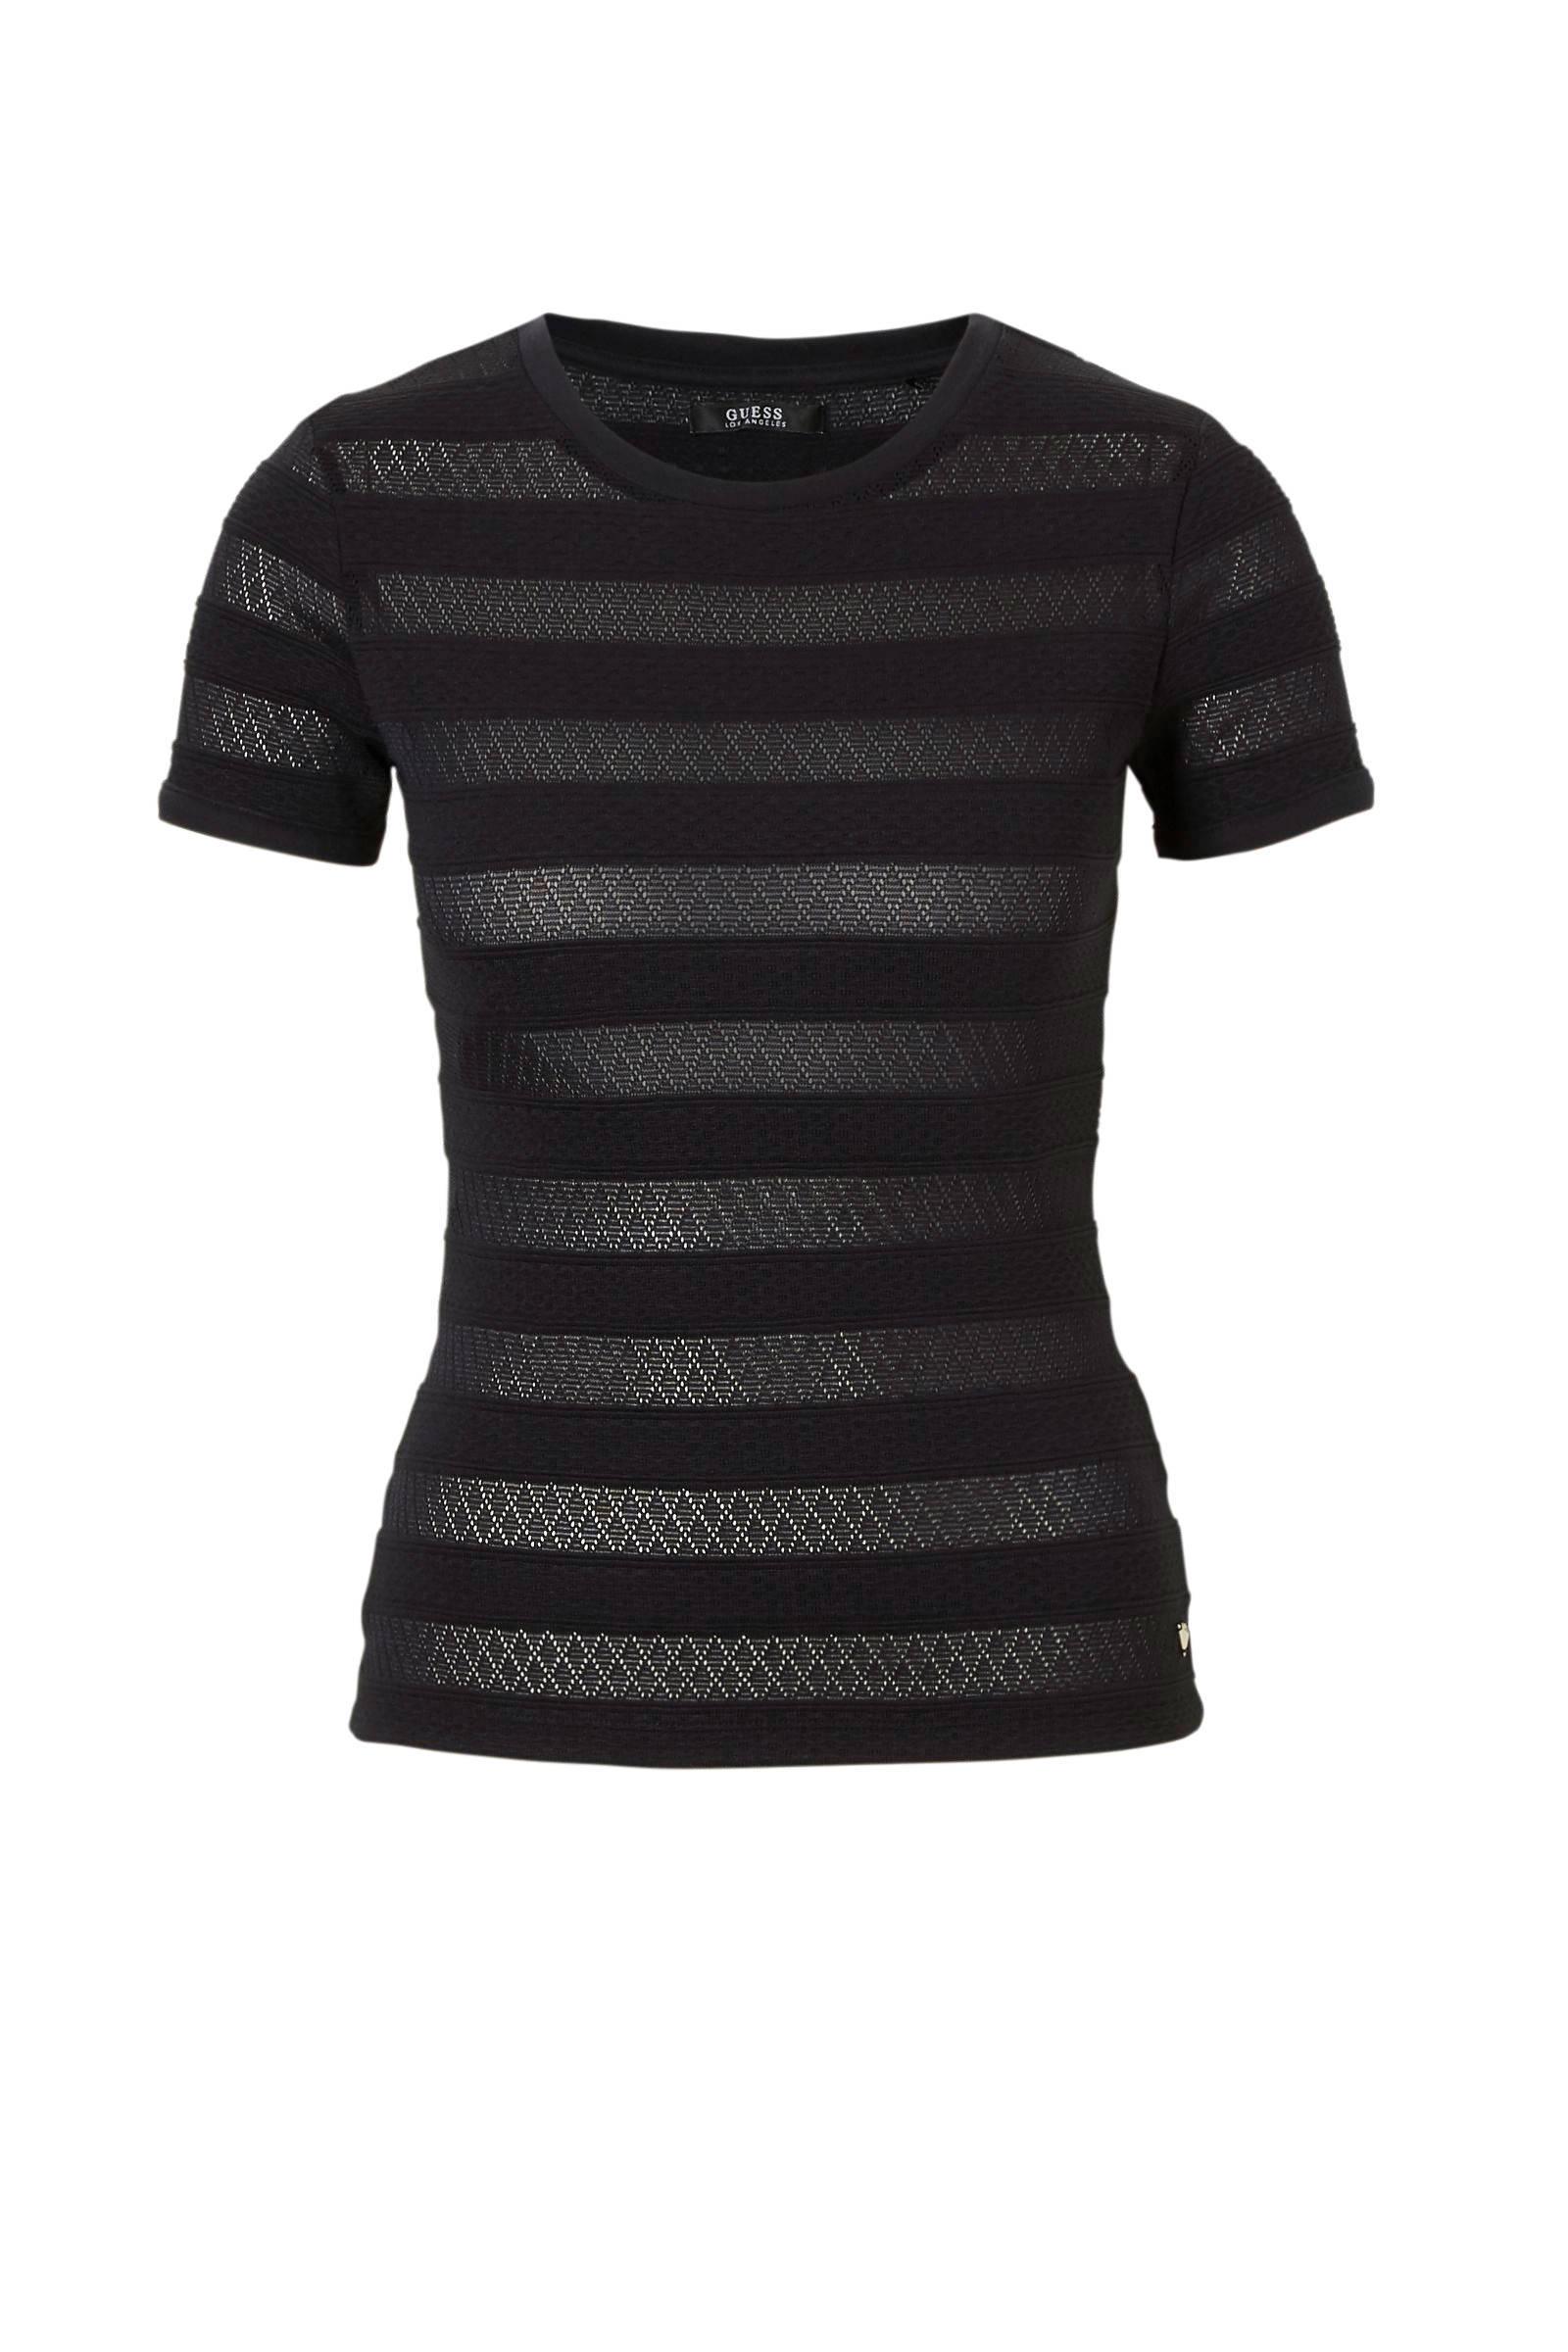 Uitzonderlijk Dames T-shirts & tops bij wehkamp - Gratis bezorging vanaf 20.- #ZW08